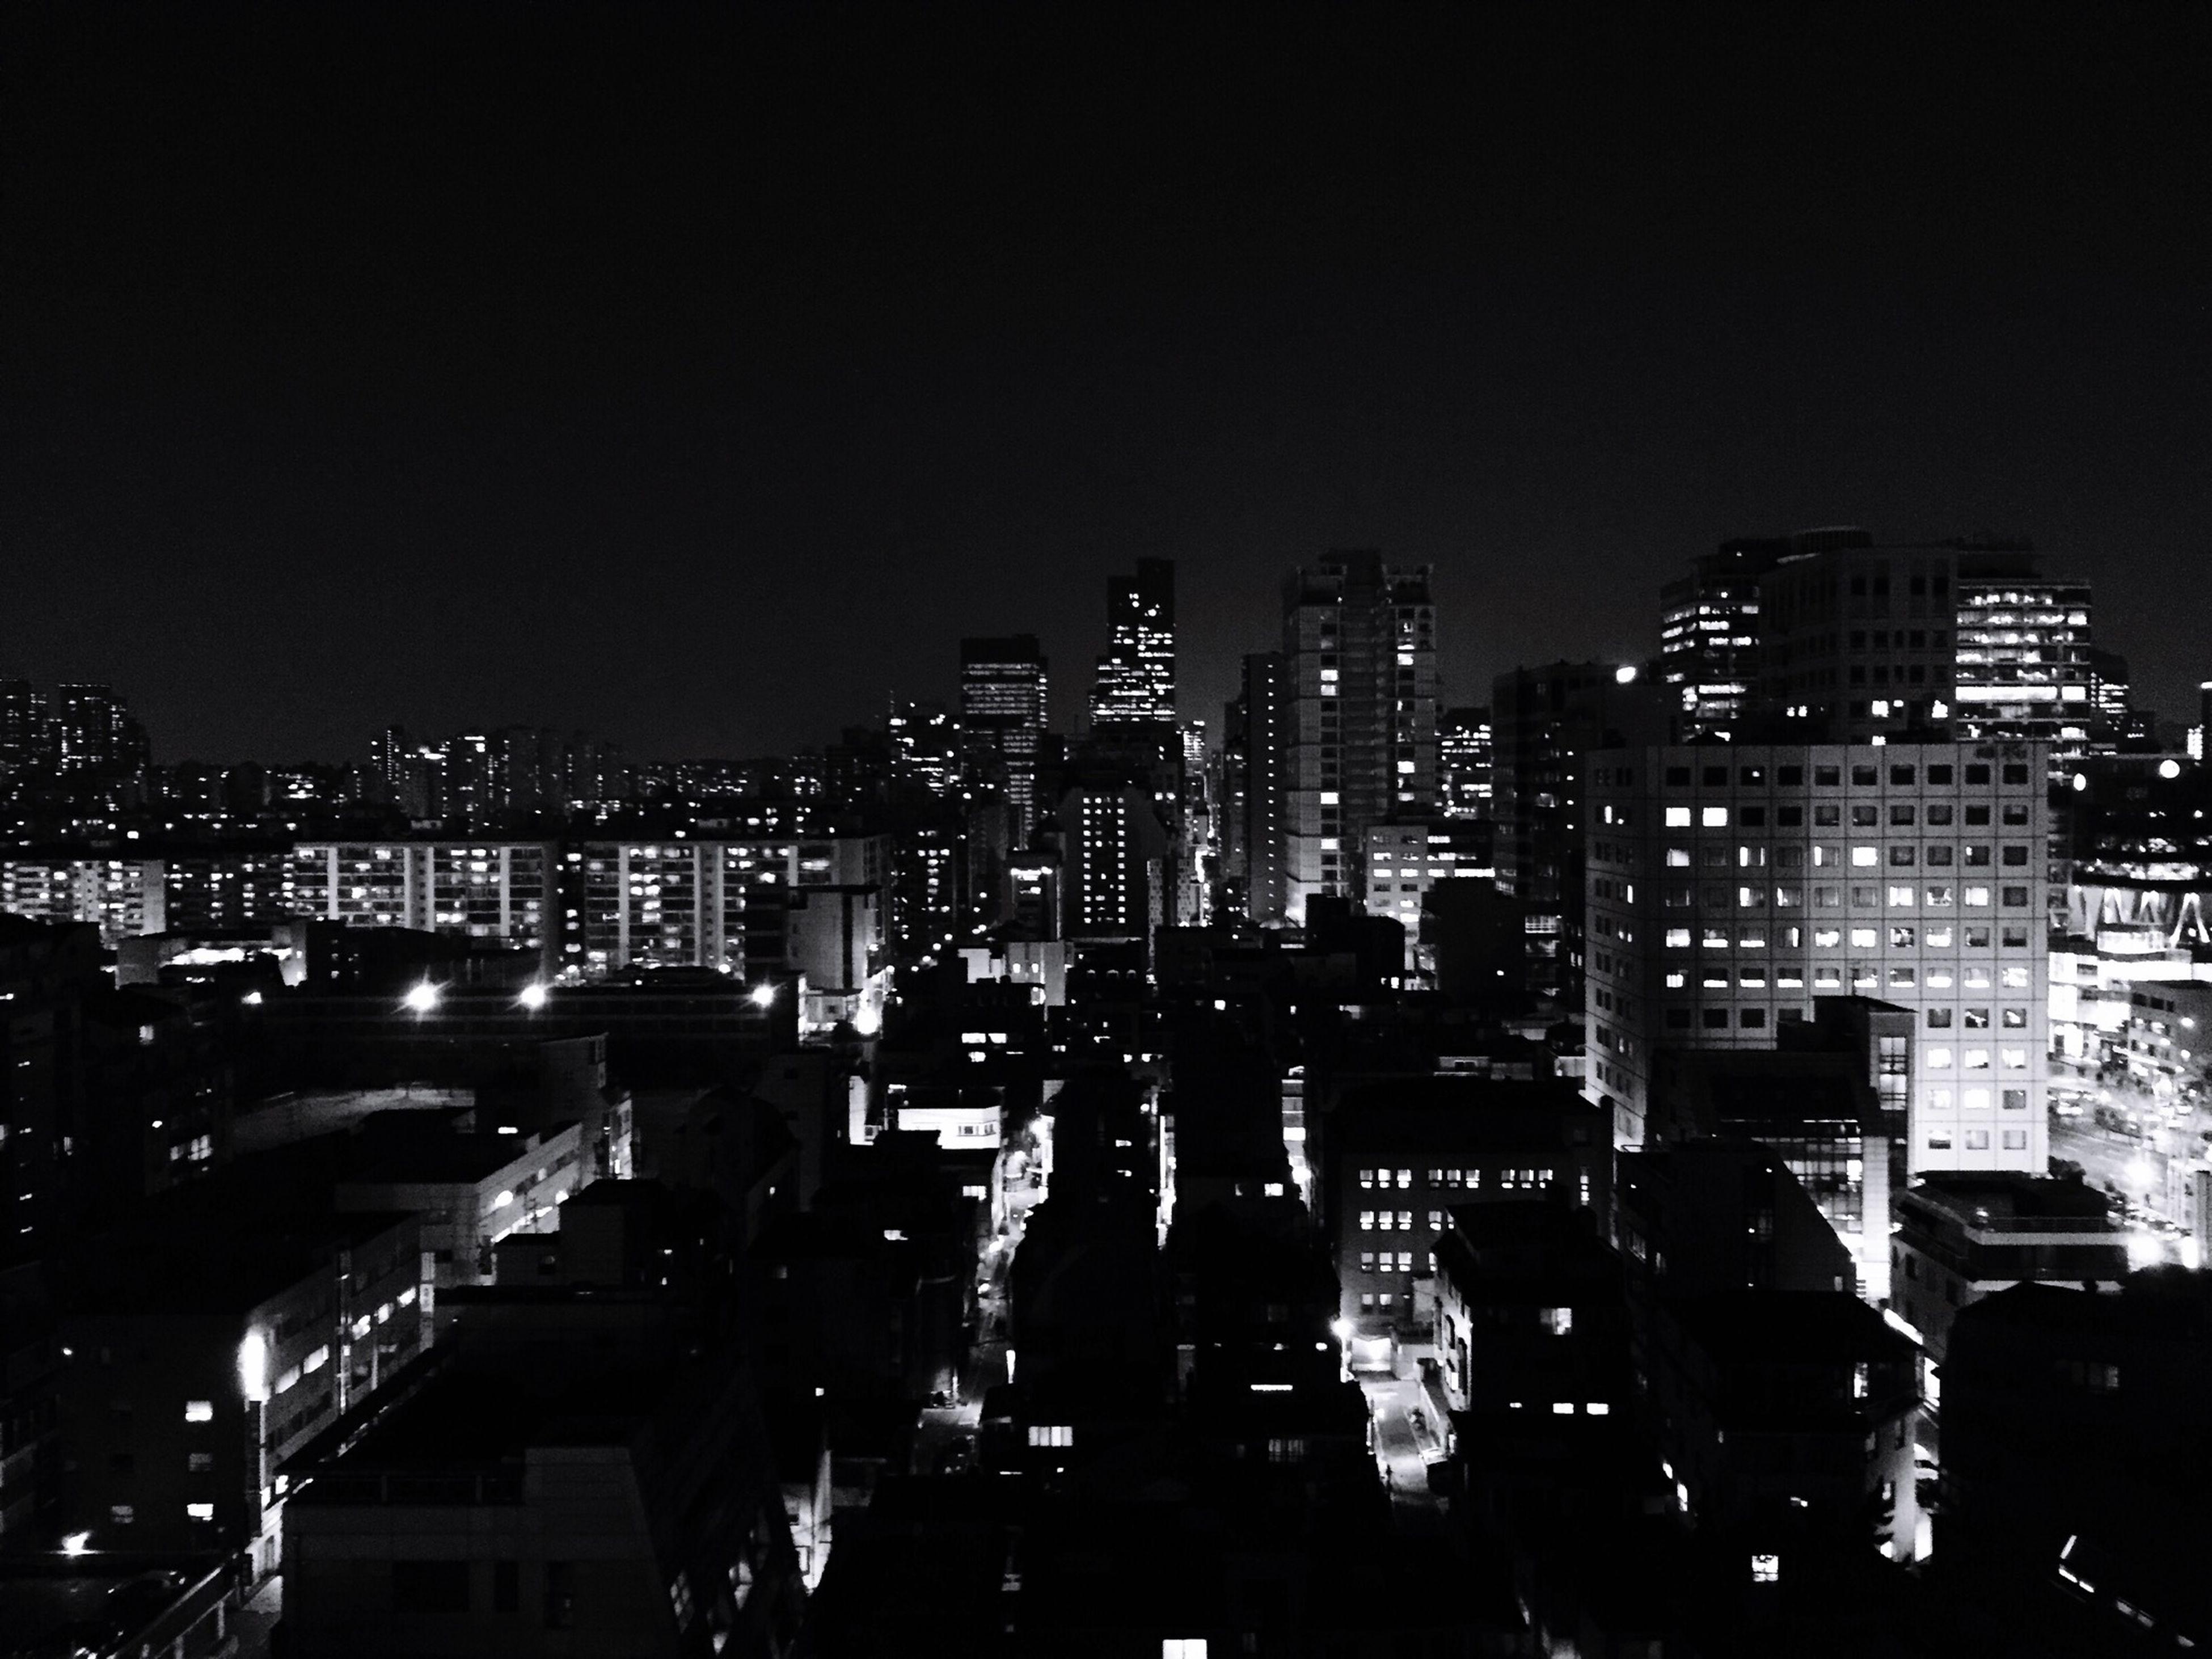 Seoul_korea KANGNAM Nightphotography Iphone6 Praying Love